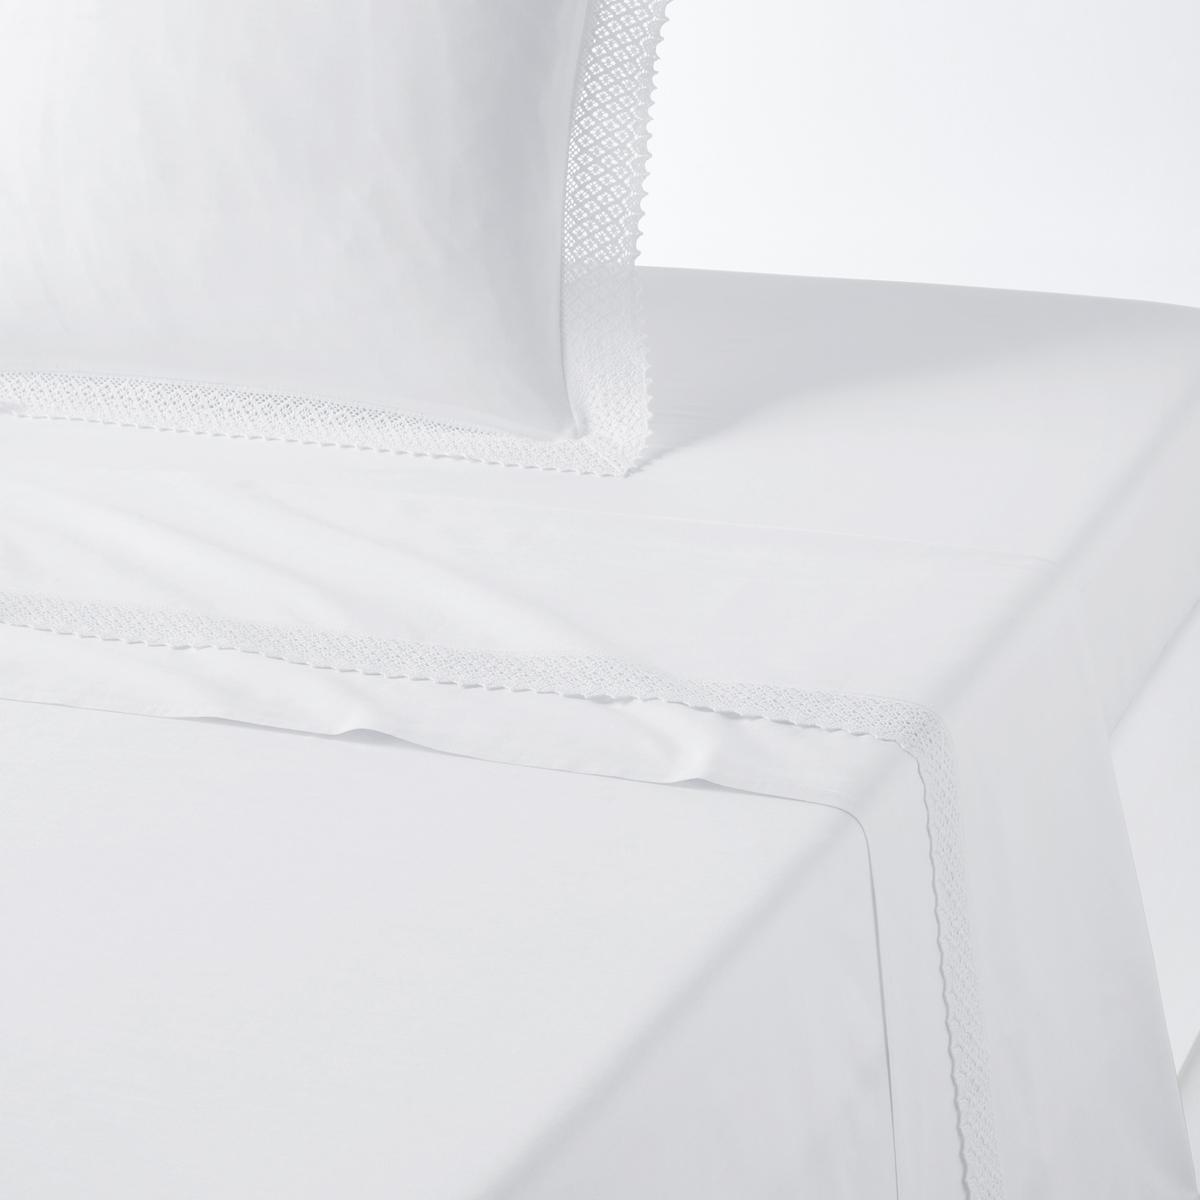 Простыня La Redoute DENTELLE 180 x 290 см белый простыня la redoute dentelle 180 x 290 см белый